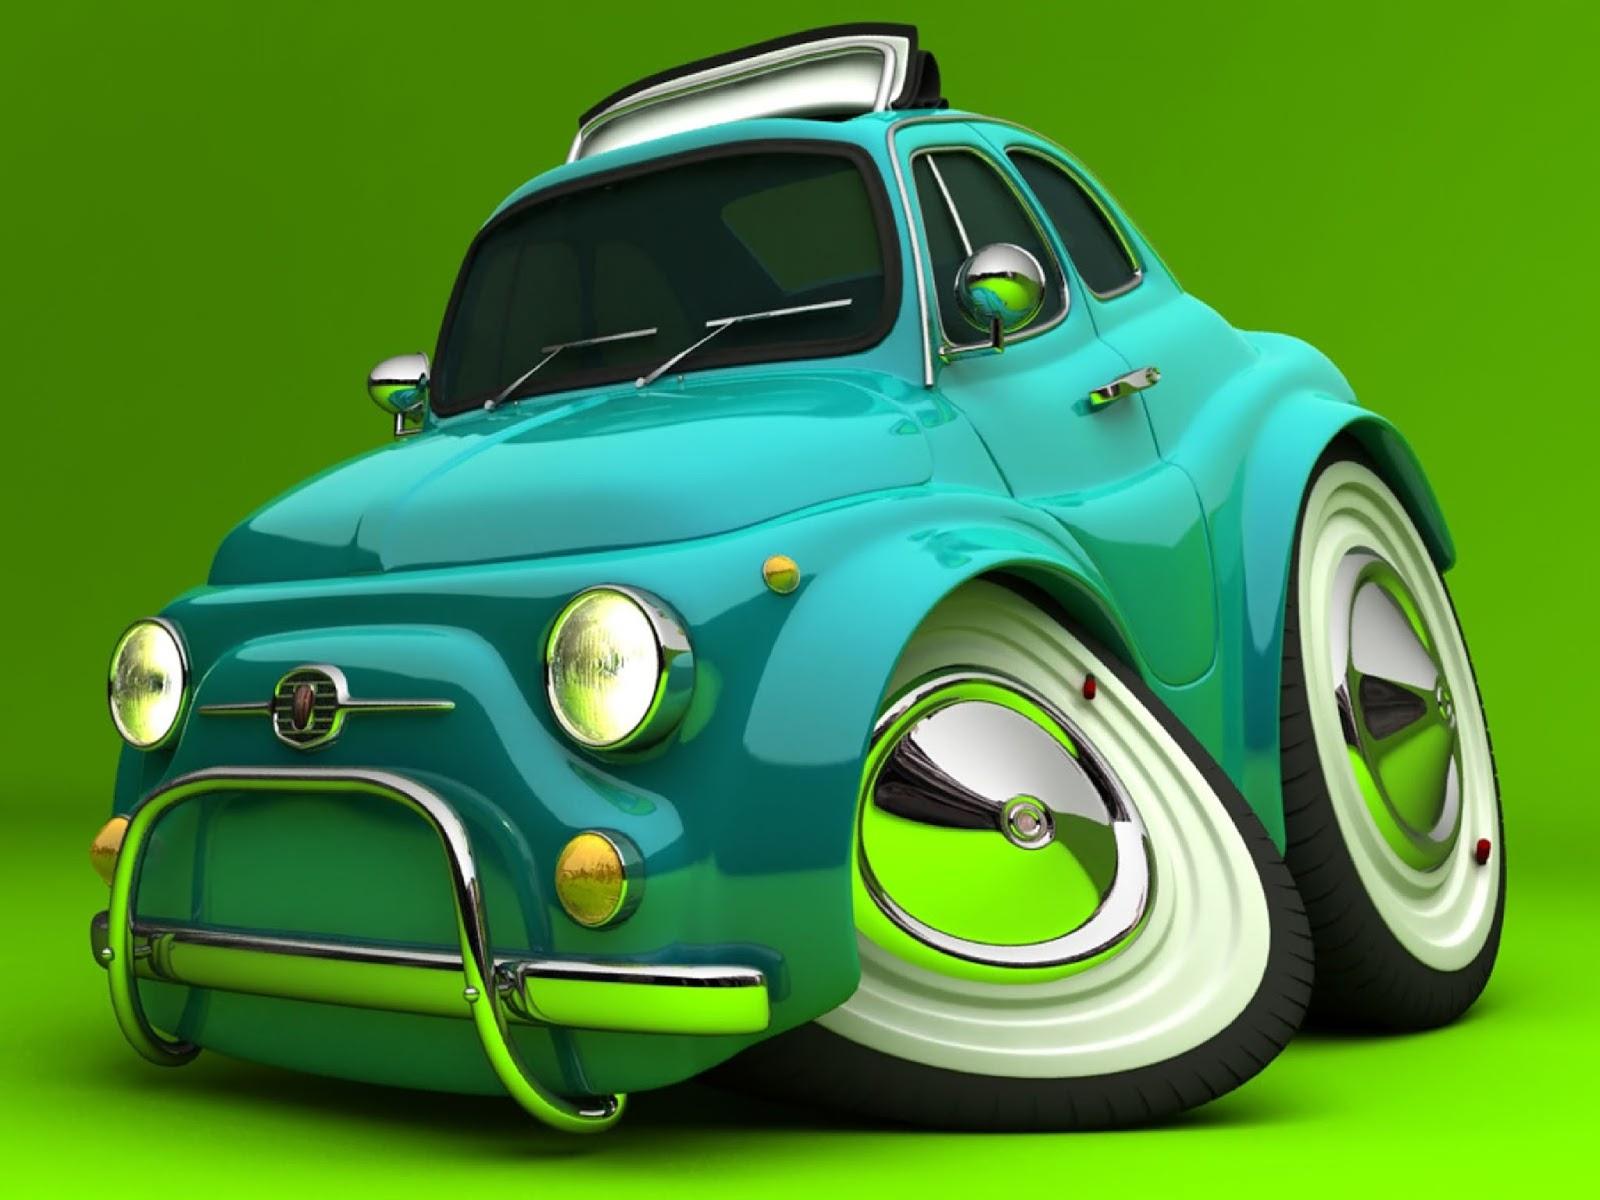 57 Koleksi Gambar Mobil Kartun Keren HD Terbaik